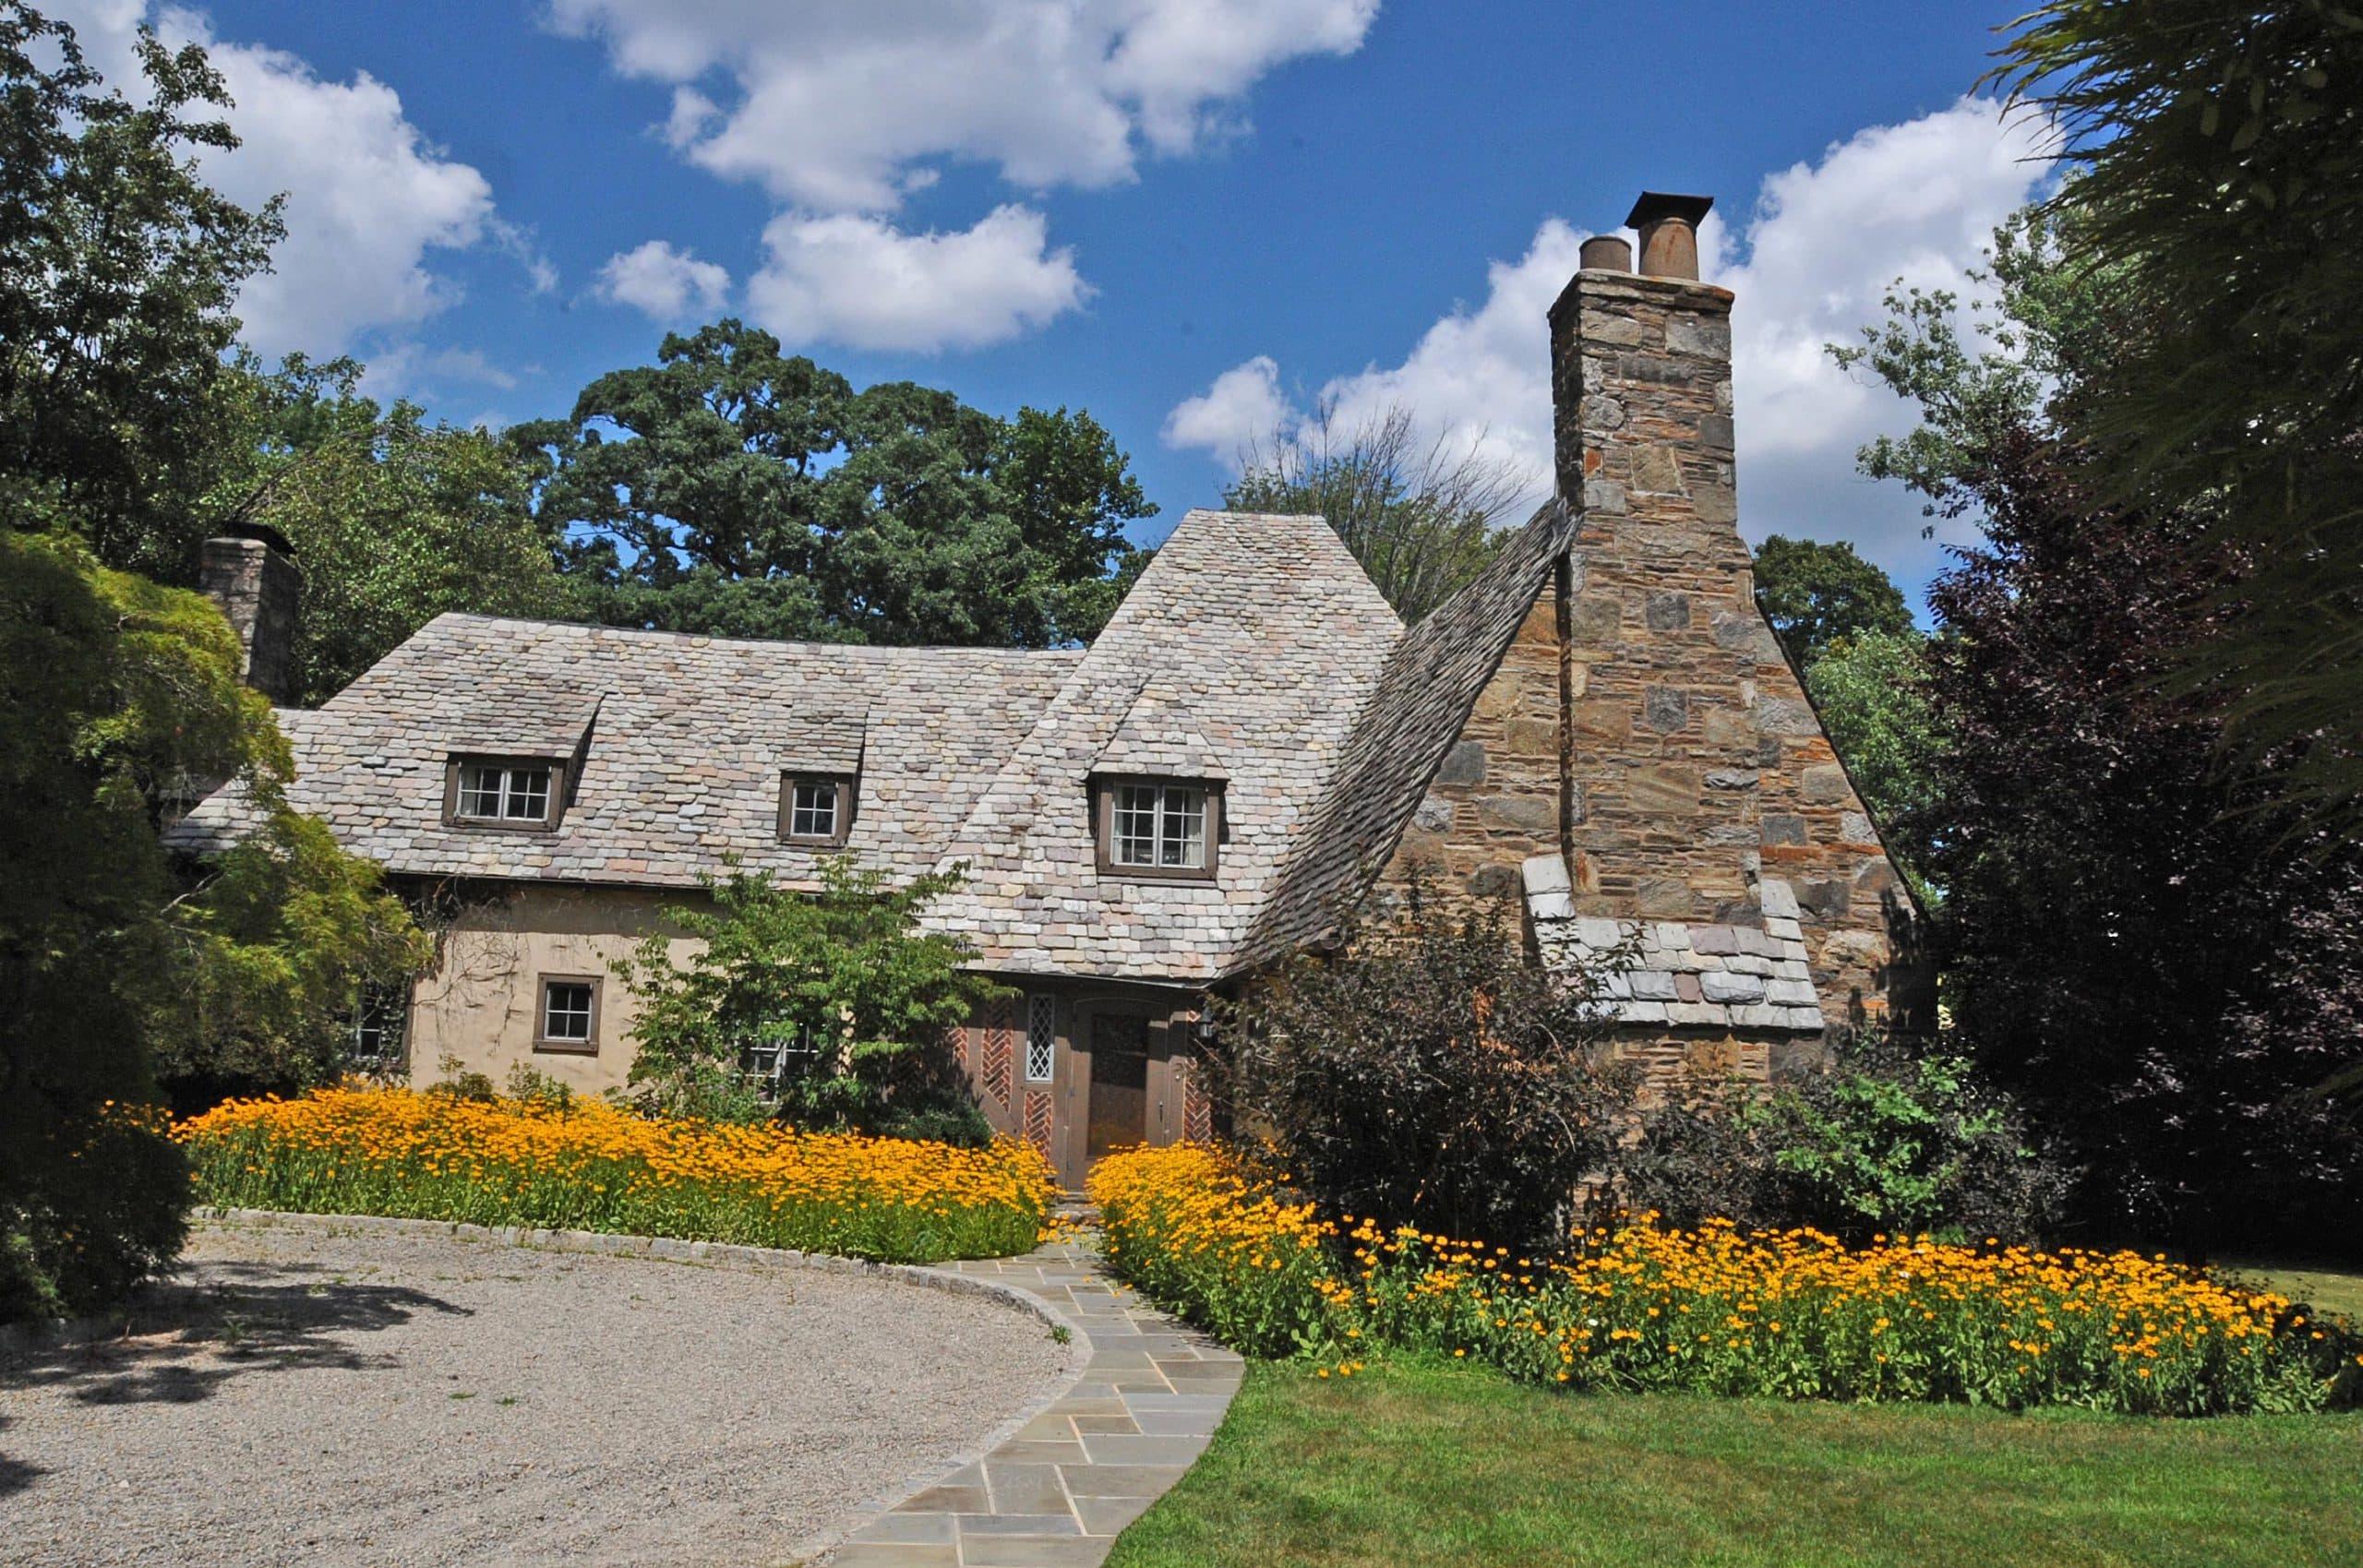 HOUSE AT 67 WARREN PLACE, MONTCLAIR ESSEX COUNTY NJ